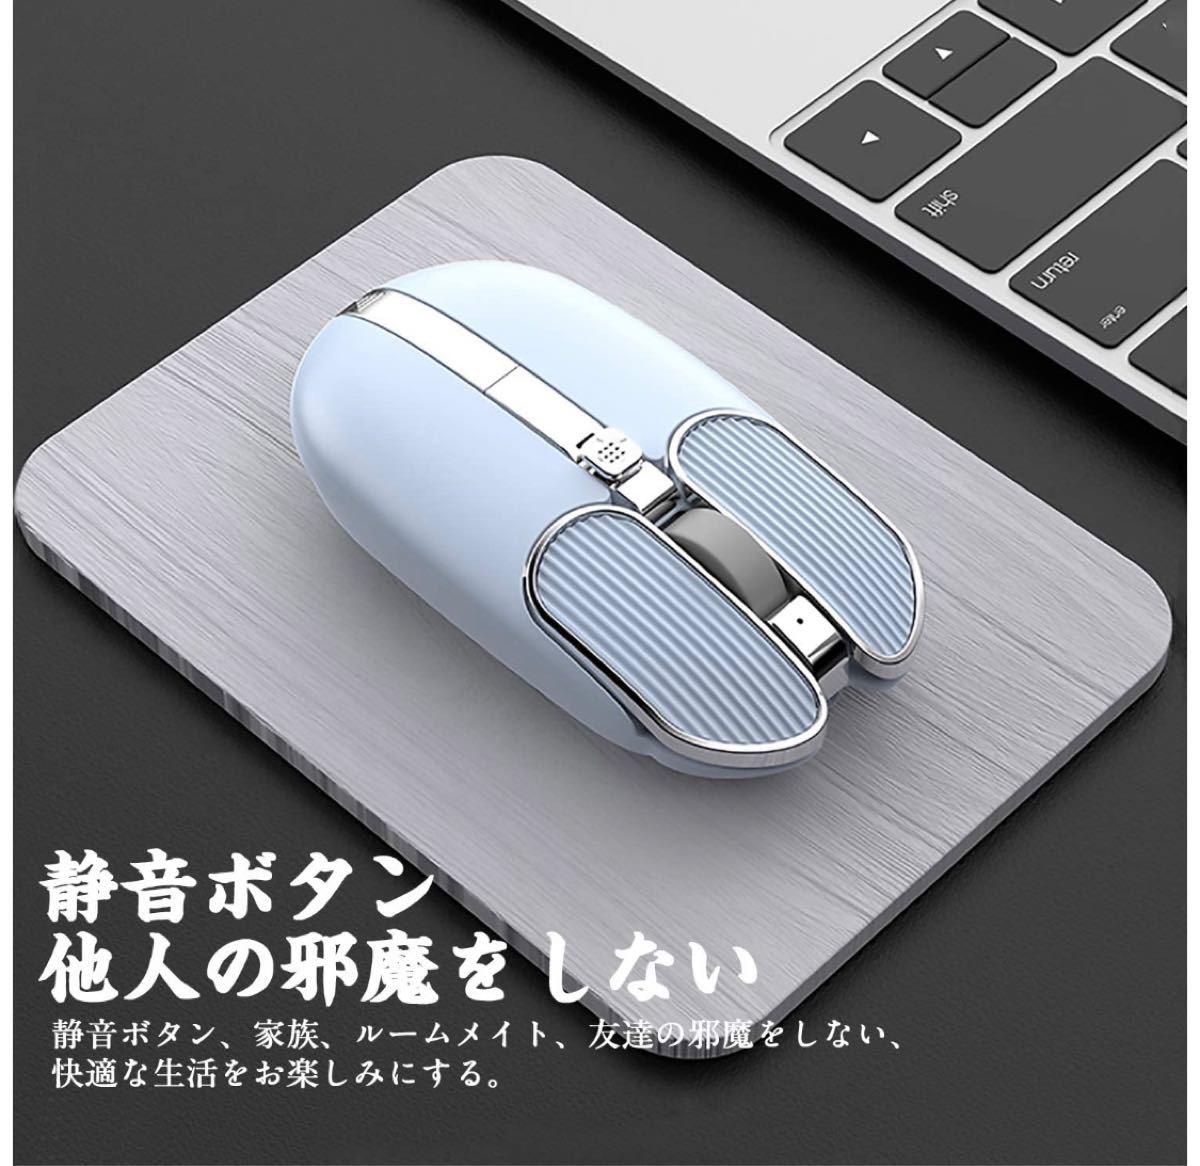 ワイヤレスマウス 静音 無線マウス 薄型 充電式 エレコム USB充電